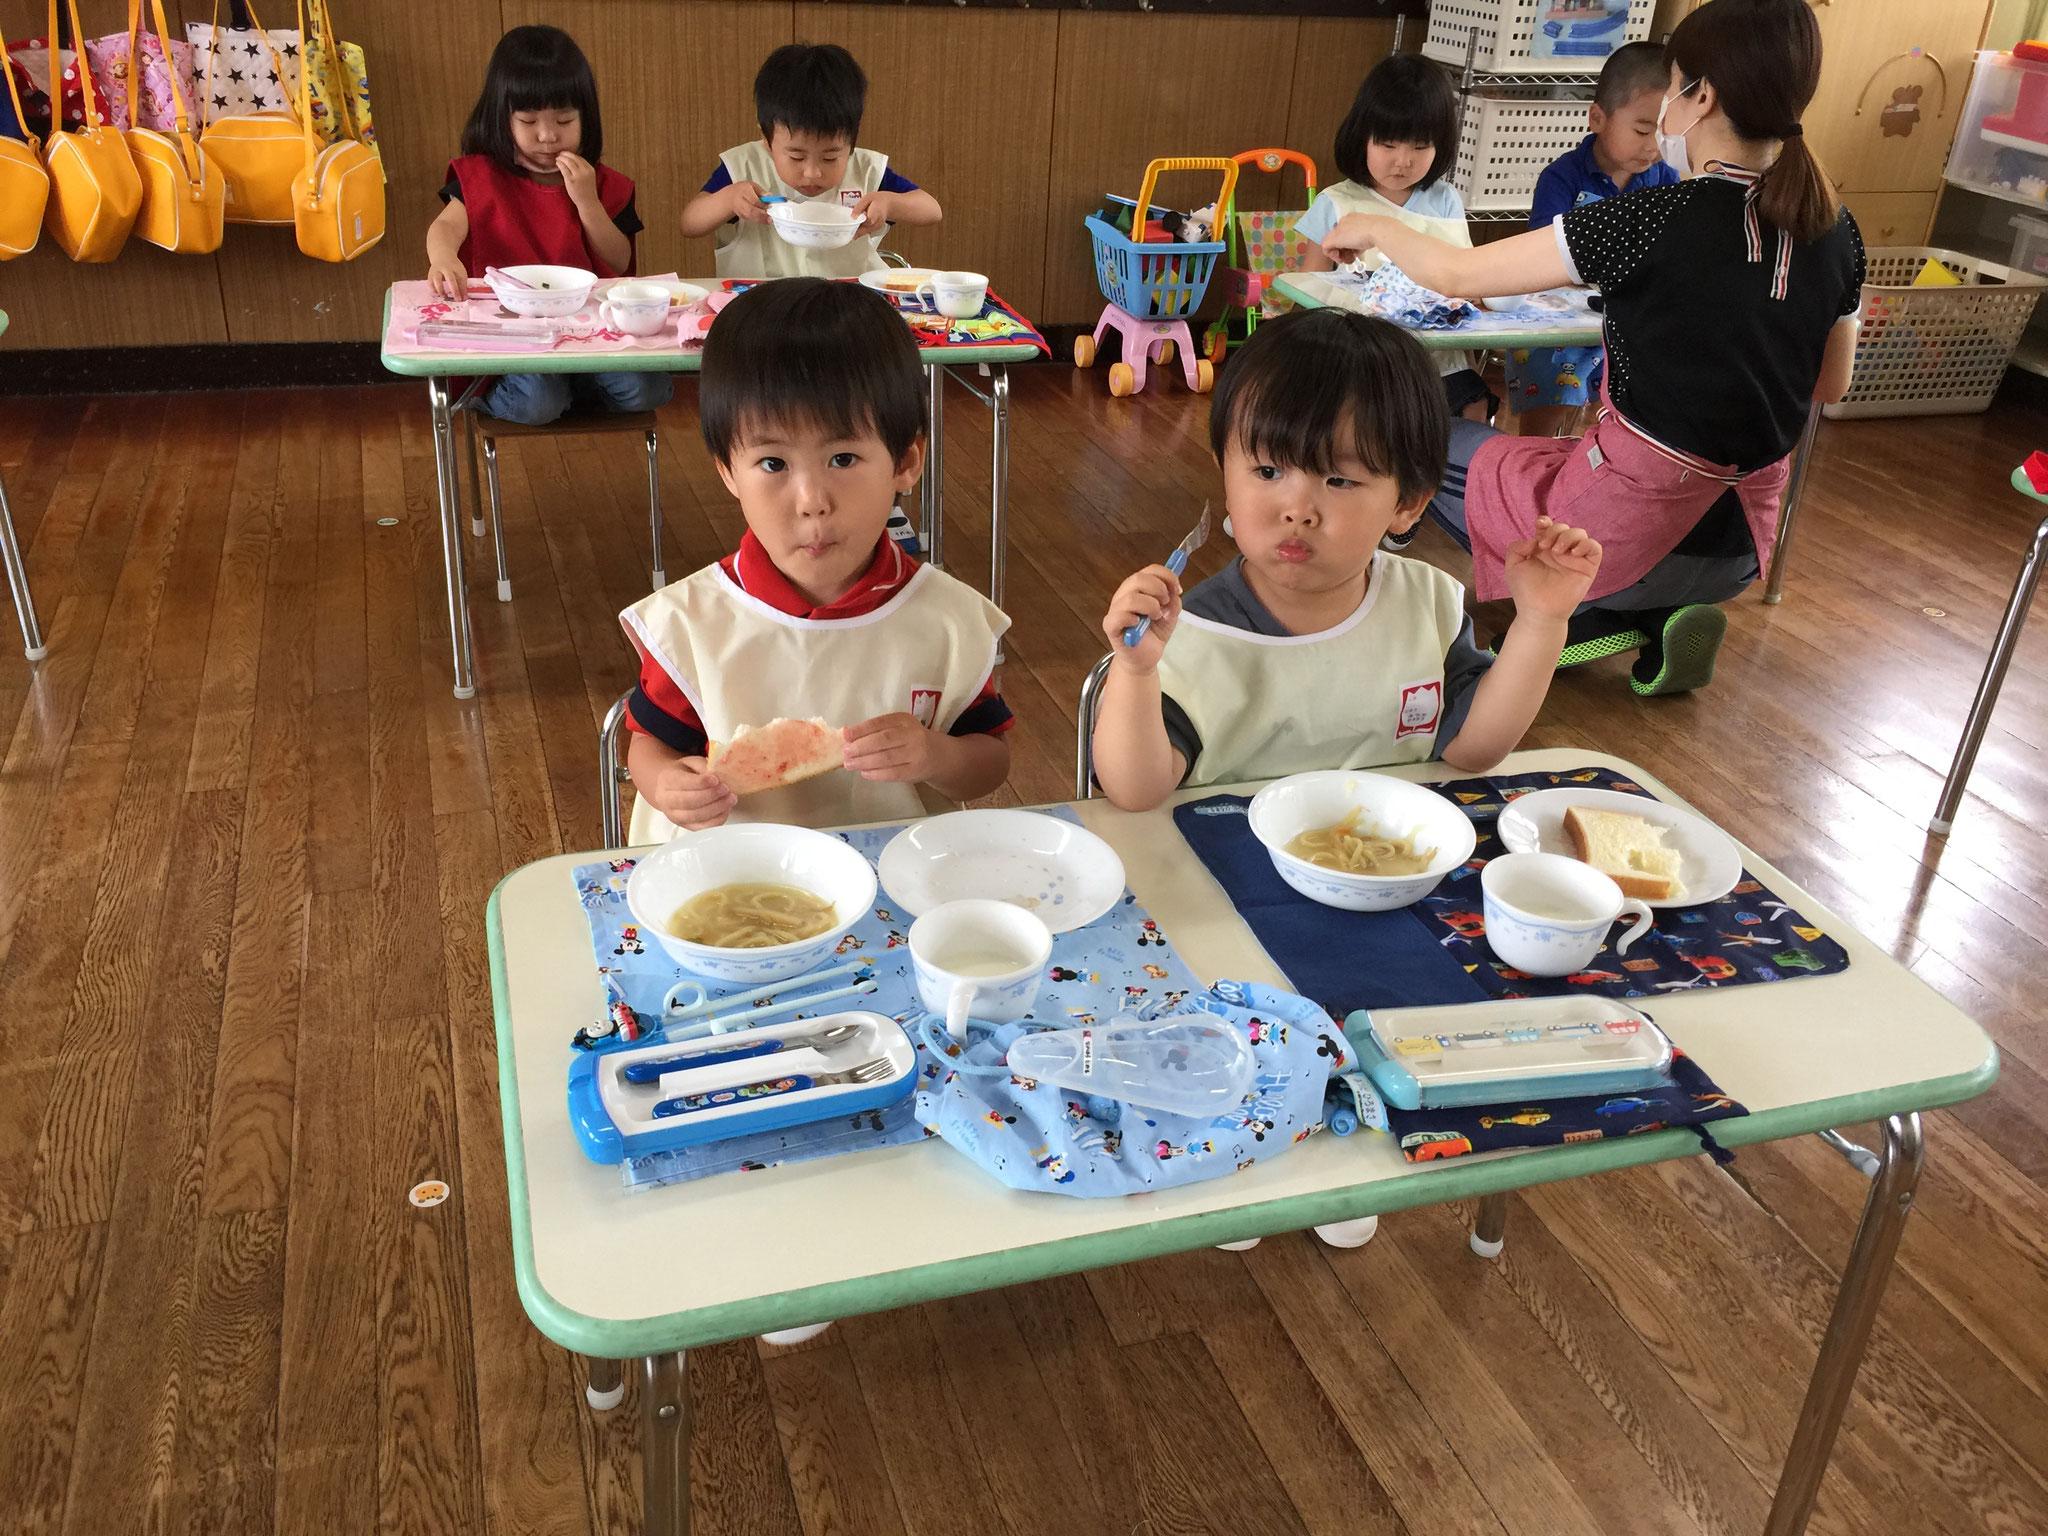 お友達と一緒に食べるの楽しいよね。